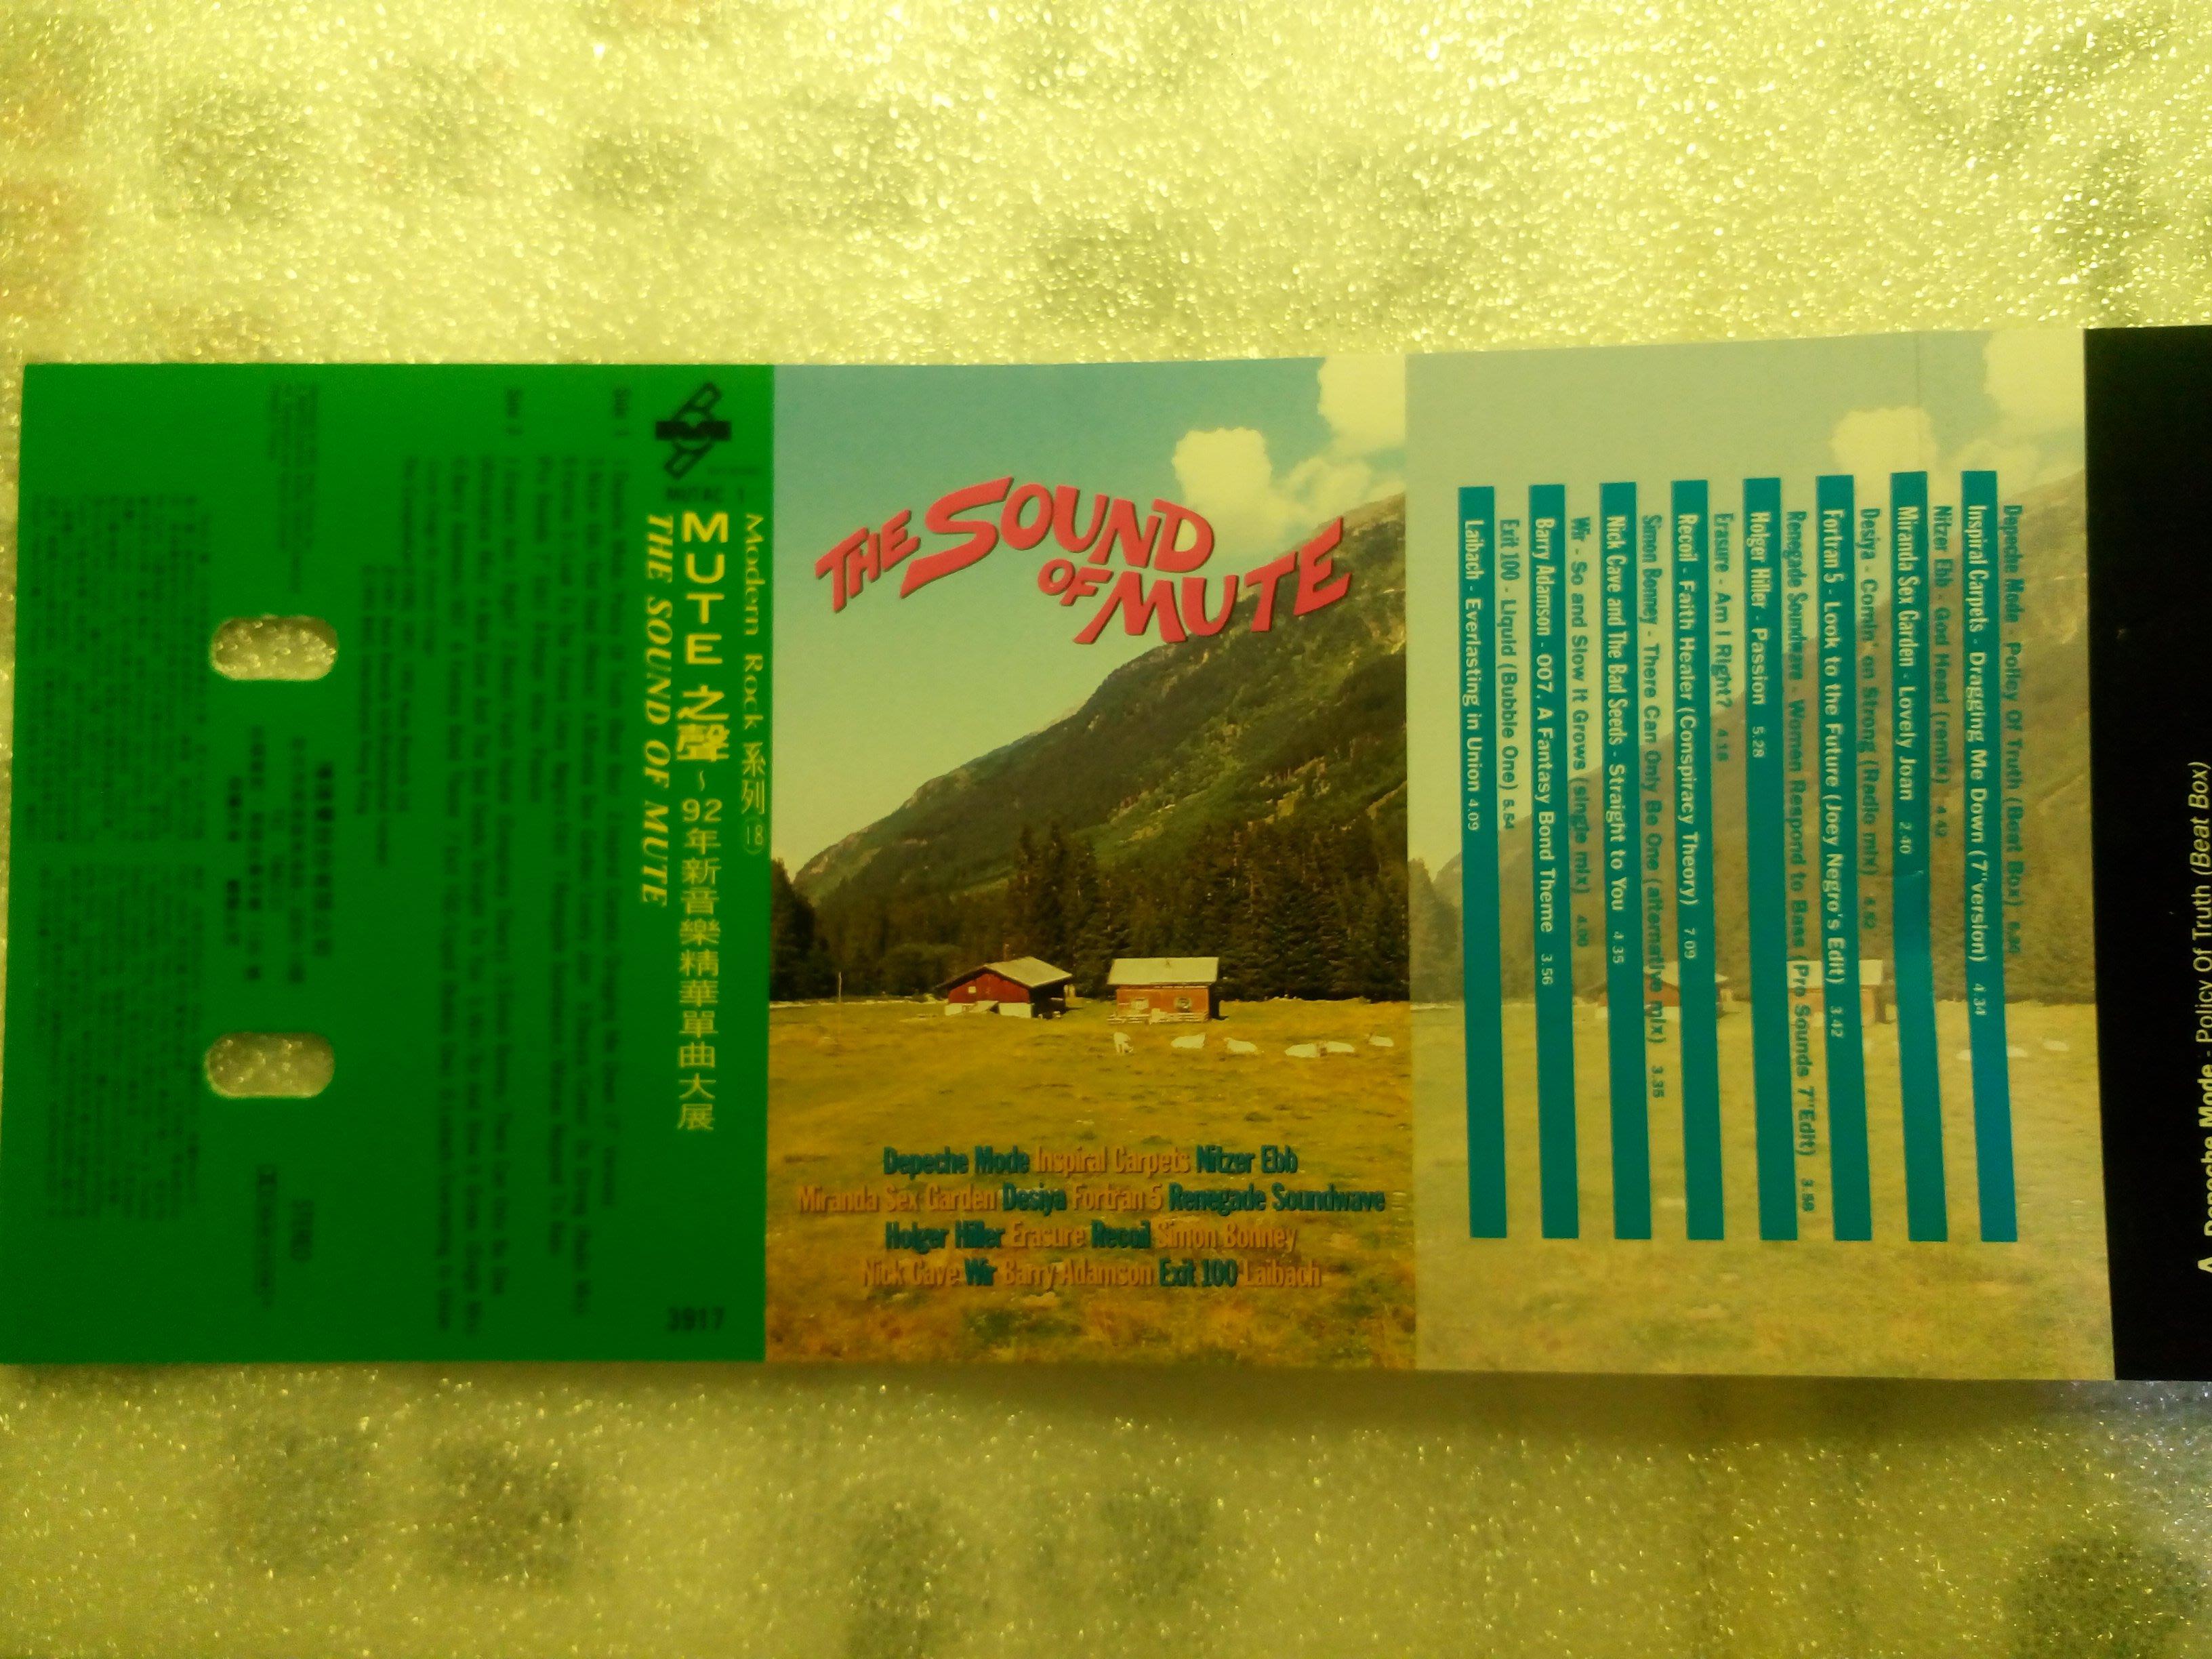 印刷品非錄音帶 MUTE唱片公司向真善美電影致意精選輯Depeche Mode Erasure Nick Cave卡帶